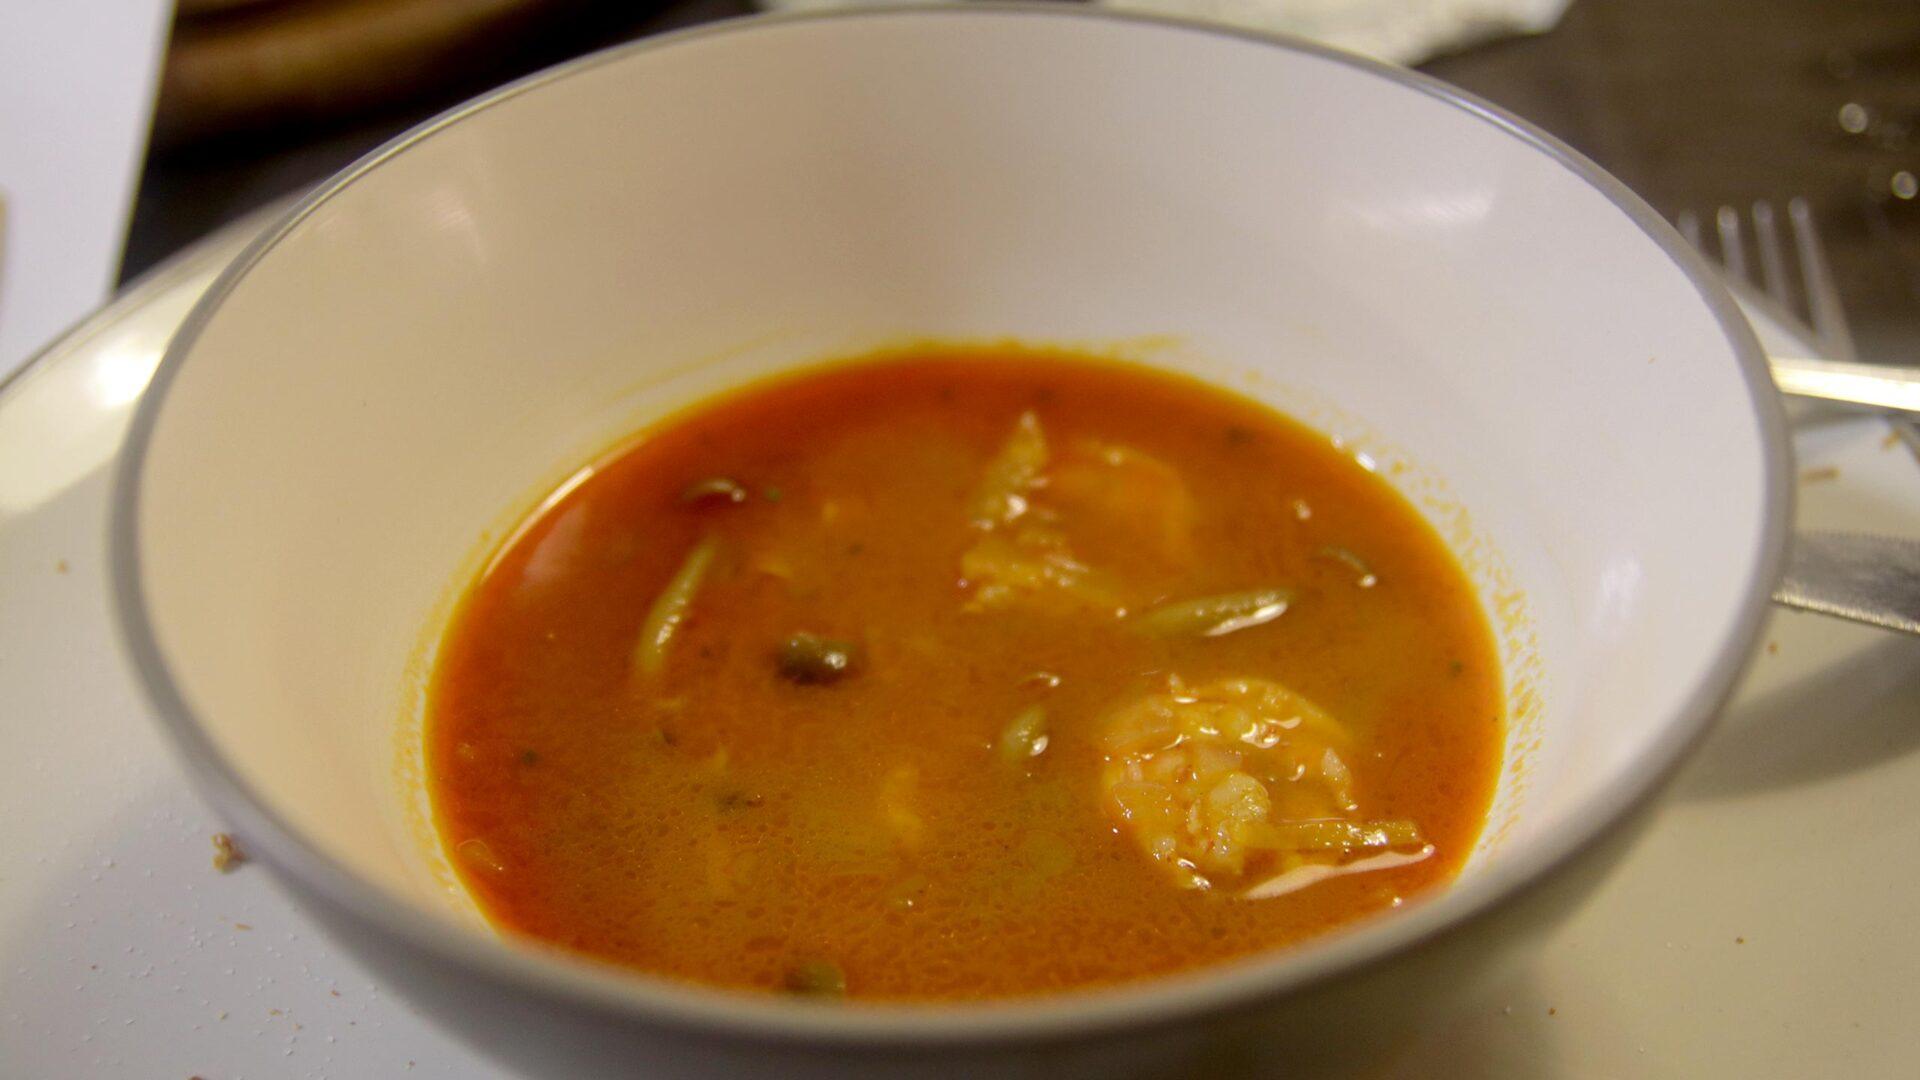 מרק קארי תילאנדי עם פטריות שימג'י ושרימפס